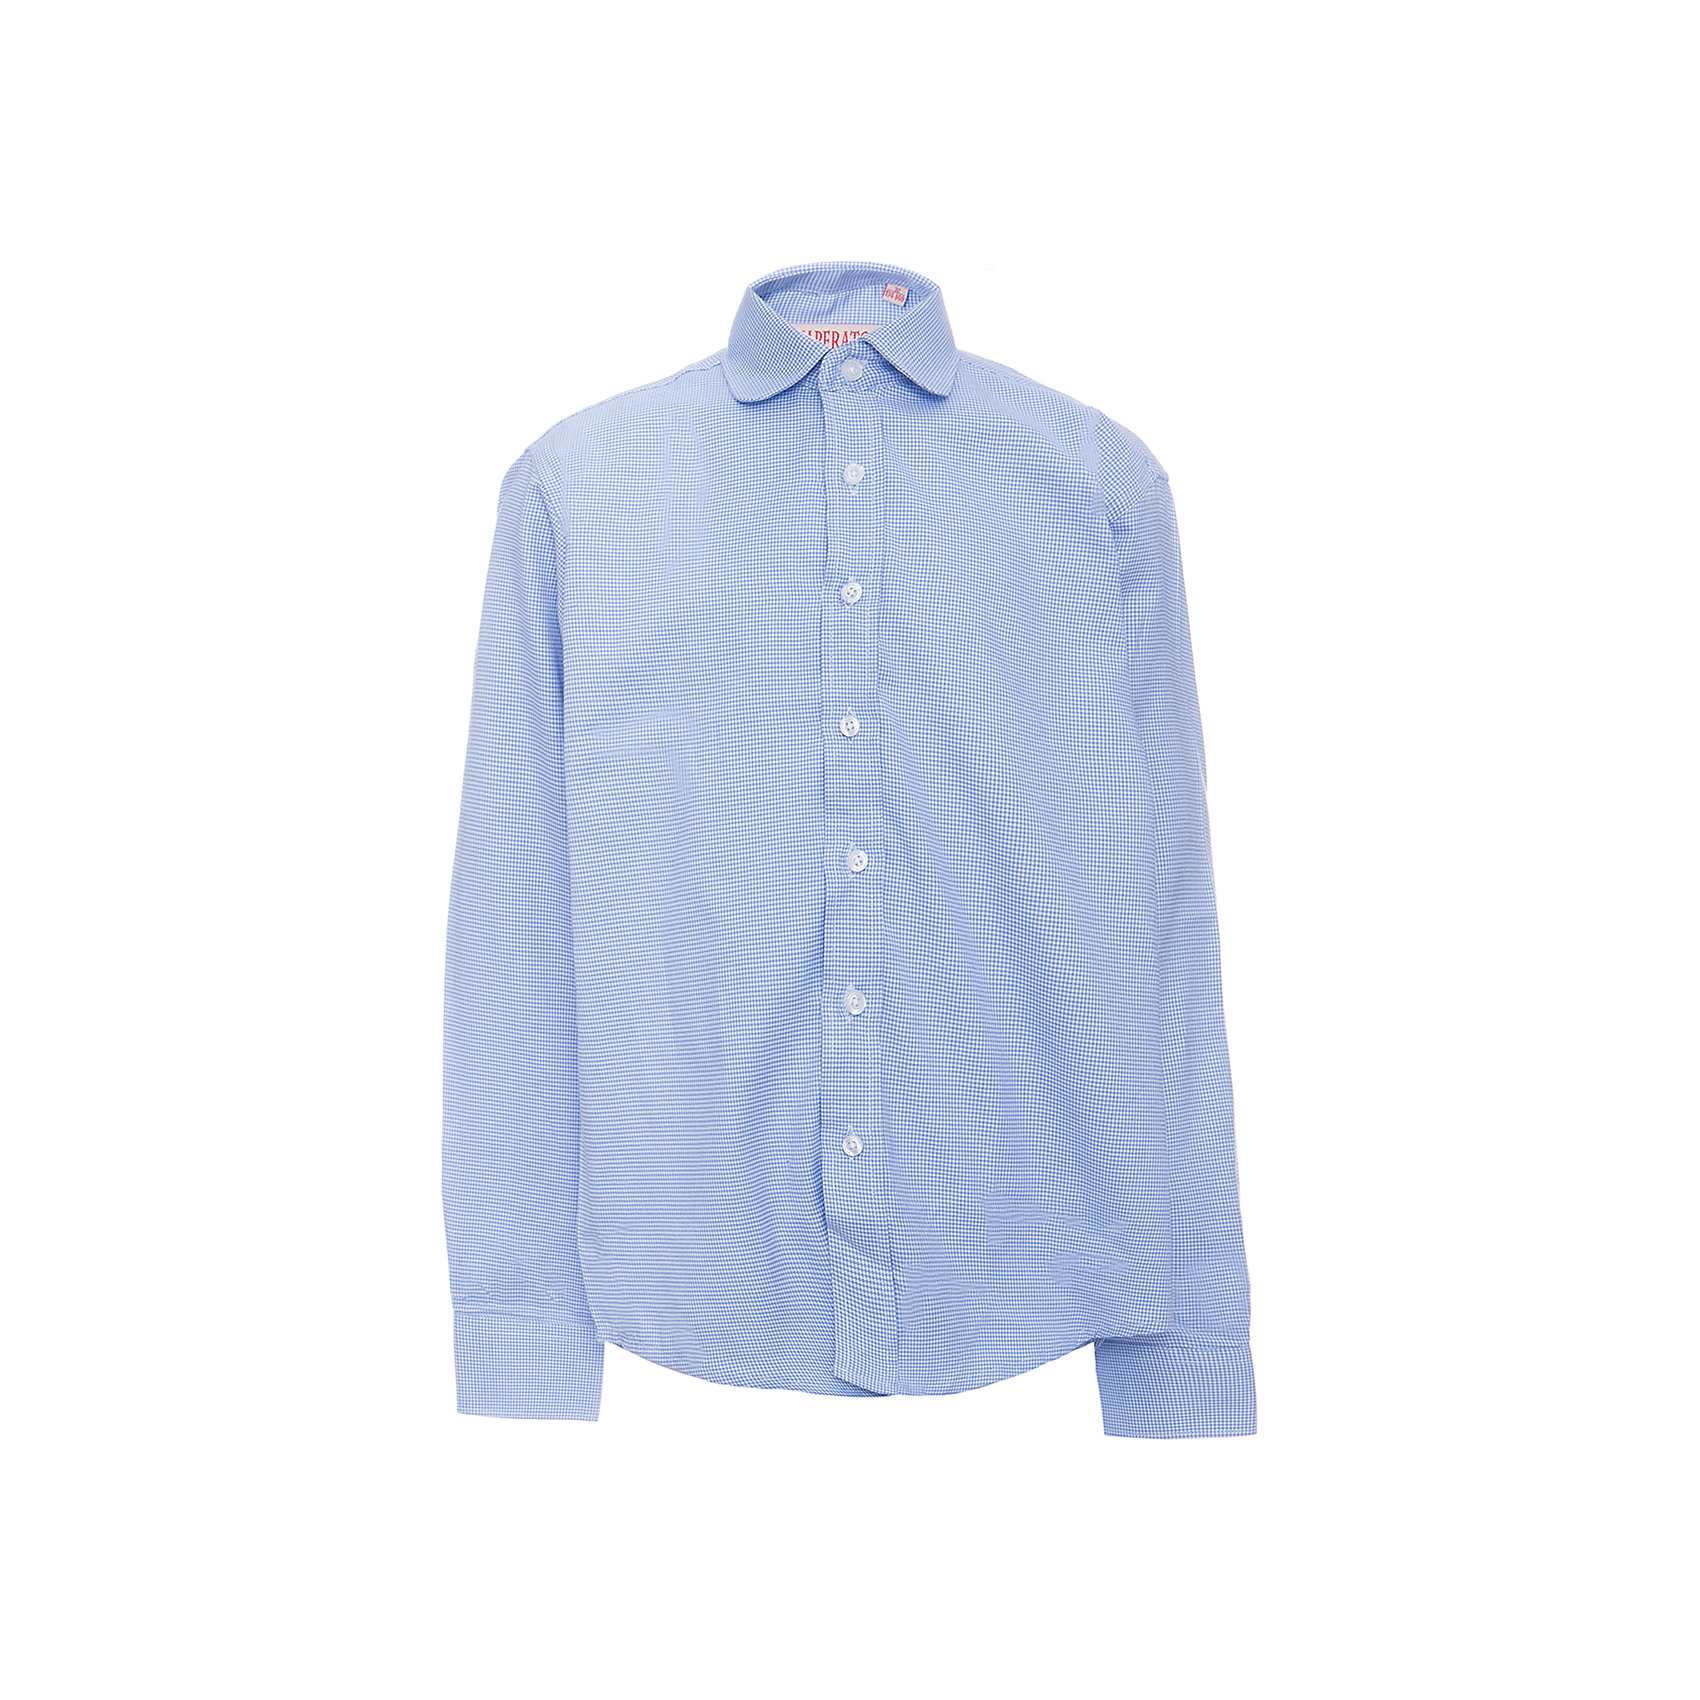 Рубашка для мальчика ImperatorБлузки и рубашки<br>Характеристики товара:<br><br>• цвет: голубой<br>• состав ткани: 65% хлопок, 35% полиэстер<br>• особенности: школьная, праздничная<br>• застежка: пуговицы<br>• рукава: длинные<br>• сезон: круглый год<br>• страна бренда: Российская Федерация<br>• страна изготовитель: Китай<br><br>Сорочка классического кроя для мальчика - отличный вариант практичной и стильной школьной одежды.<br><br>Накладной карман, свободный покрой, дышащая ткань с преобладанием хлопка - красиво и удобно.<br><br>Рубашку для мальчика Imperator (Император) можно купить в нашем интернет-магазине.<br><br>Ширина мм: 174<br>Глубина мм: 10<br>Высота мм: 169<br>Вес г: 157<br>Цвет: голубой<br>Возраст от месяцев: 72<br>Возраст до месяцев: 84<br>Пол: Мужской<br>Возраст: Детский<br>Размер: 164/170,158/164,152/158,152/158,146/152,146/152,140/146,134/140,128/134,122/128<br>SKU: 6860743